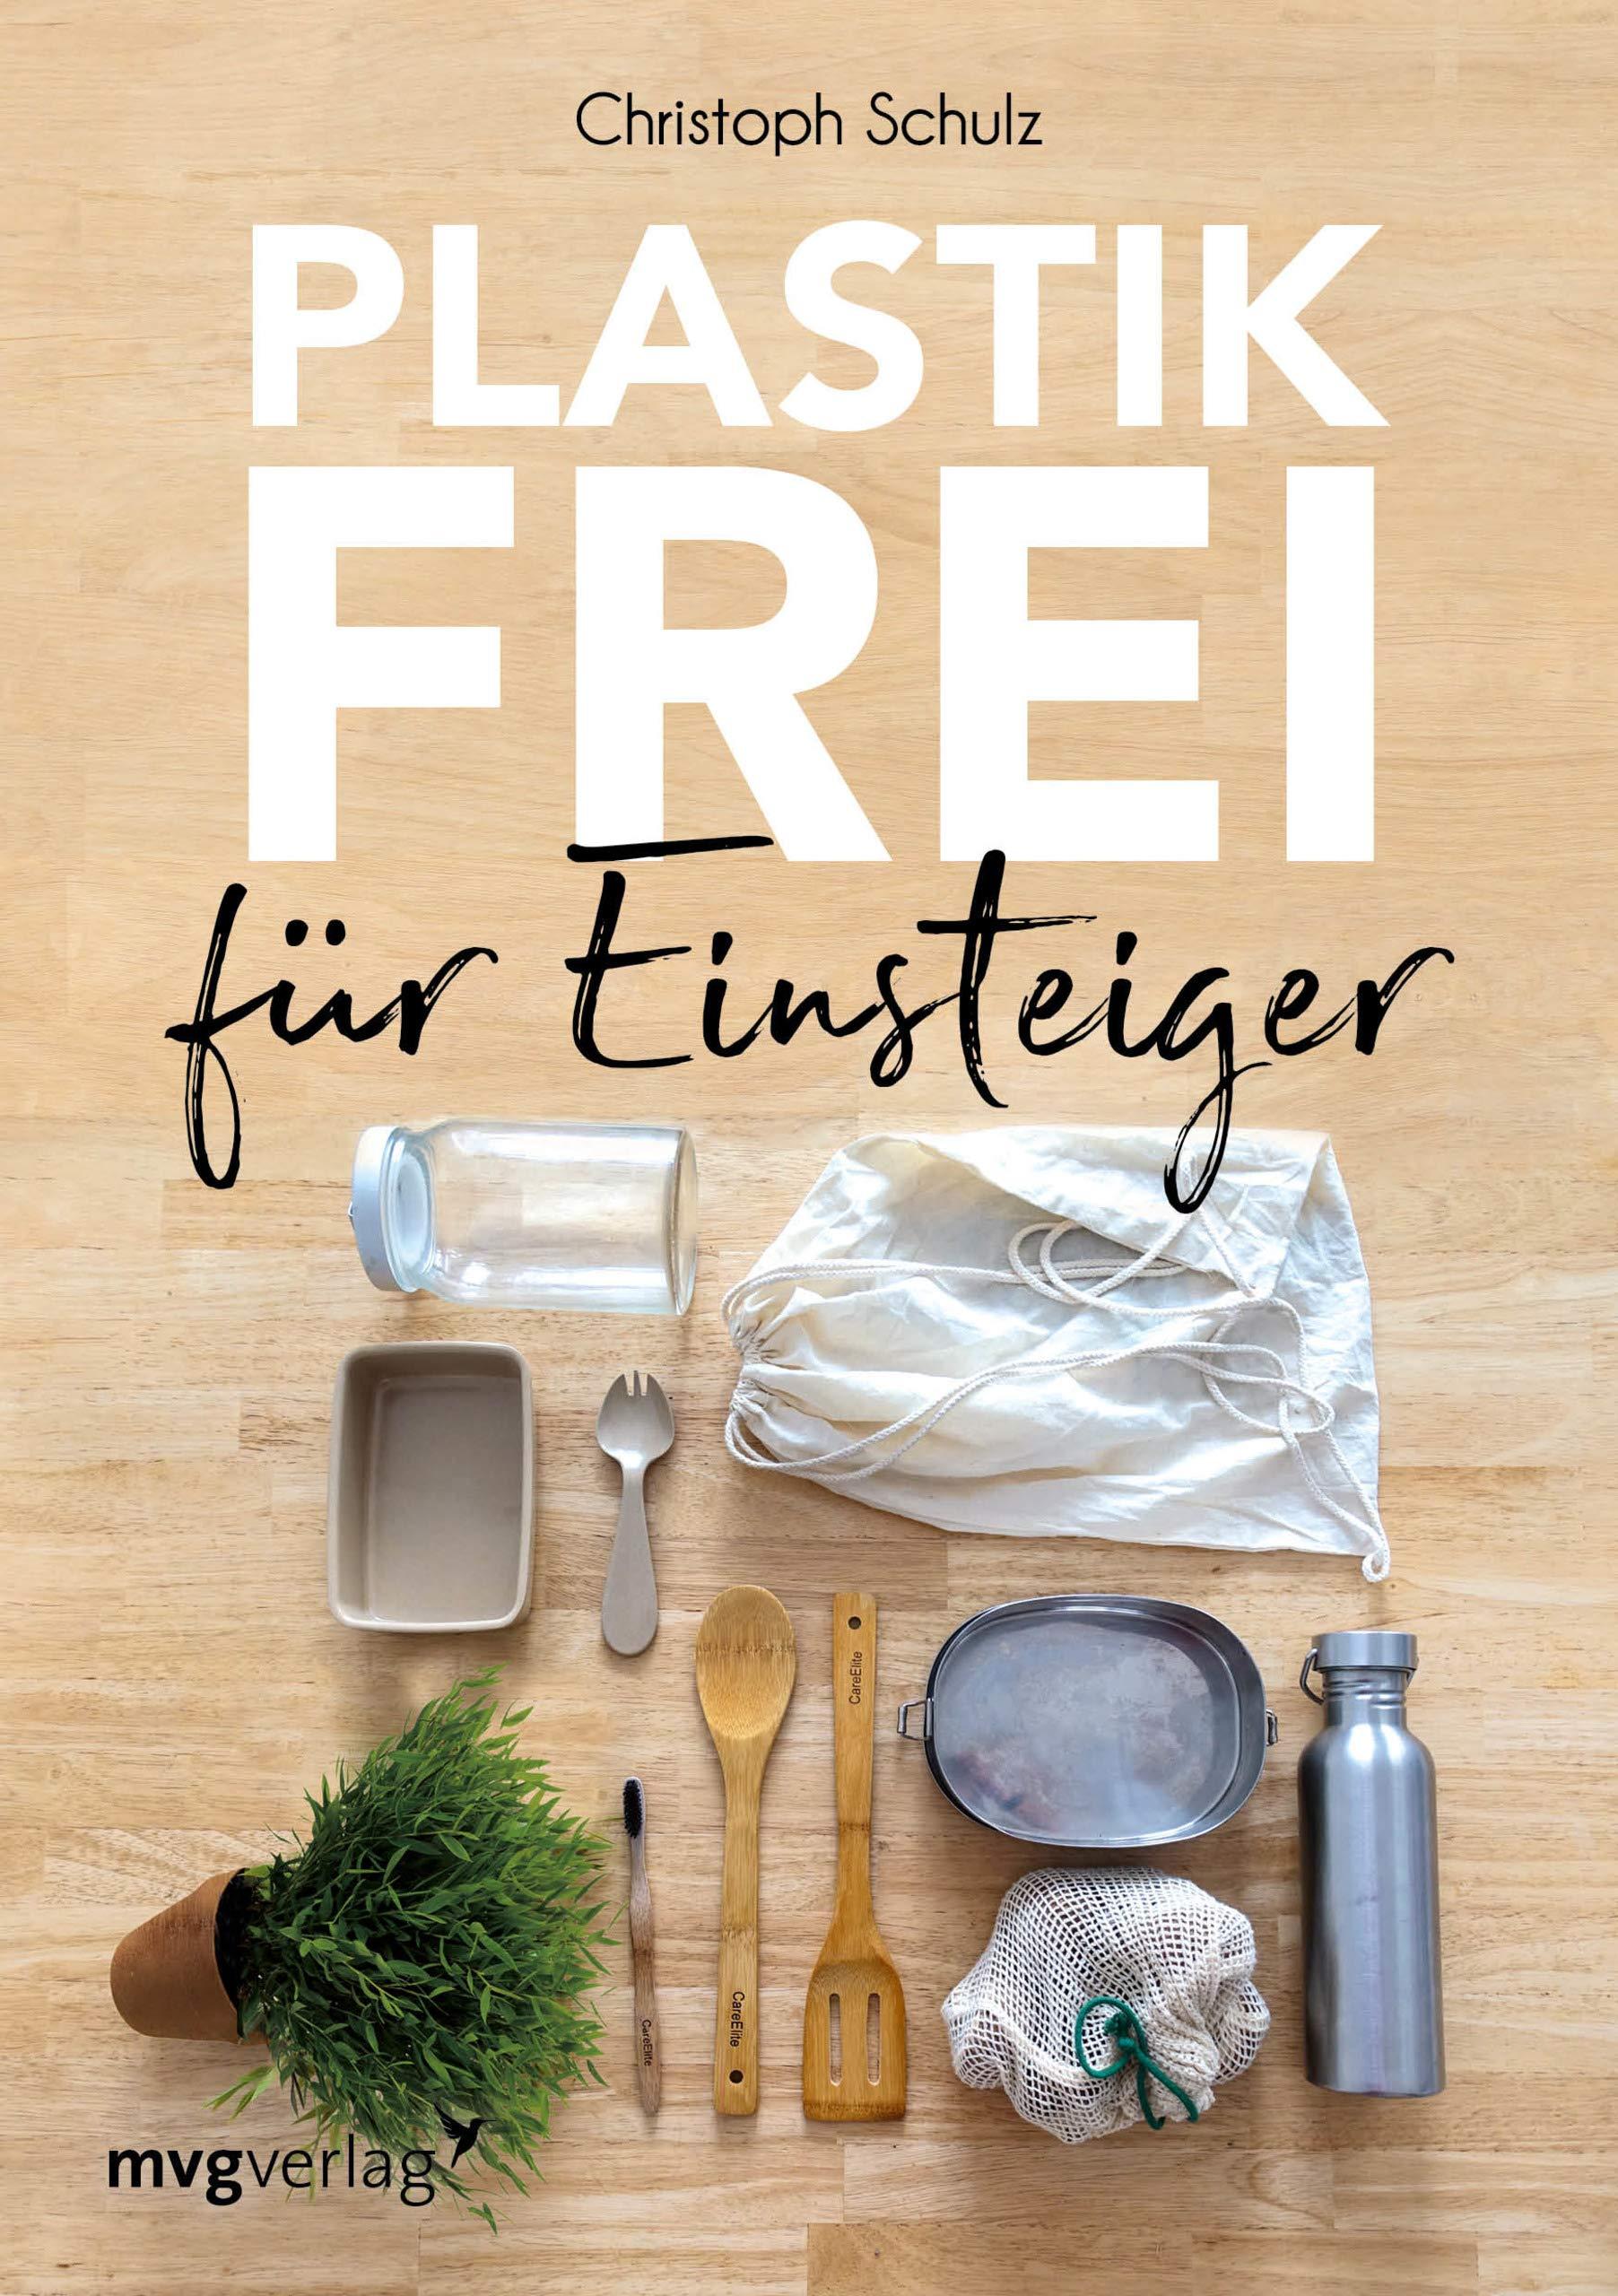 ©mvg Verlag